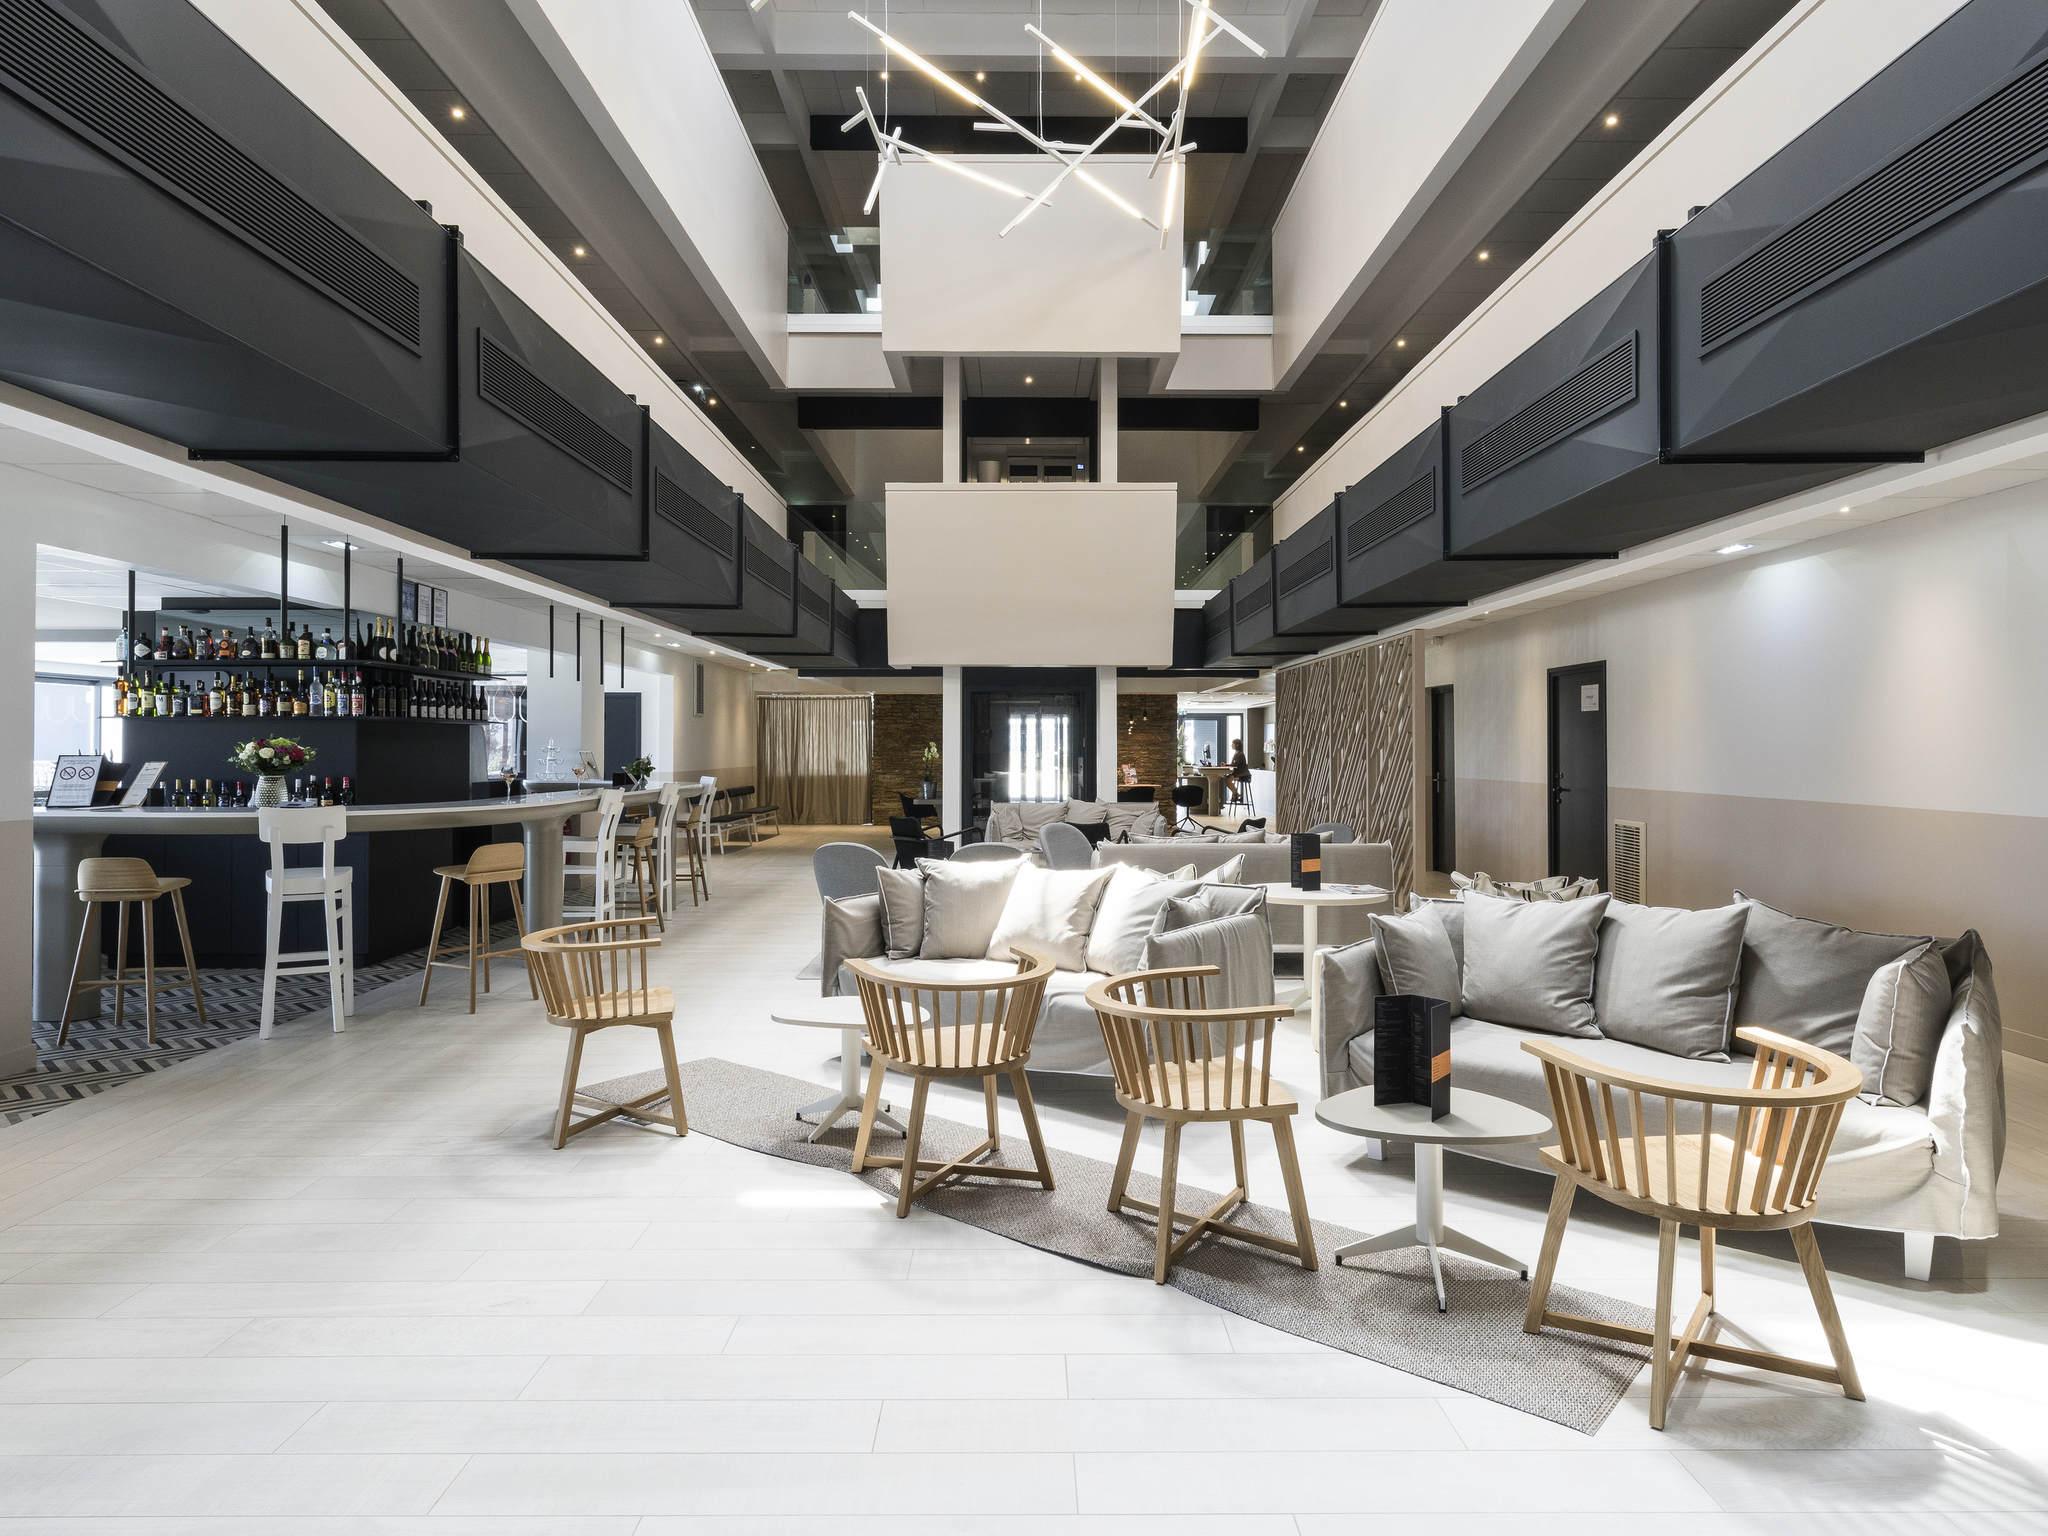 Hotel - Hotel Mercure Bastia Biguglia Hotel (Eröffnung: Mai 2018)